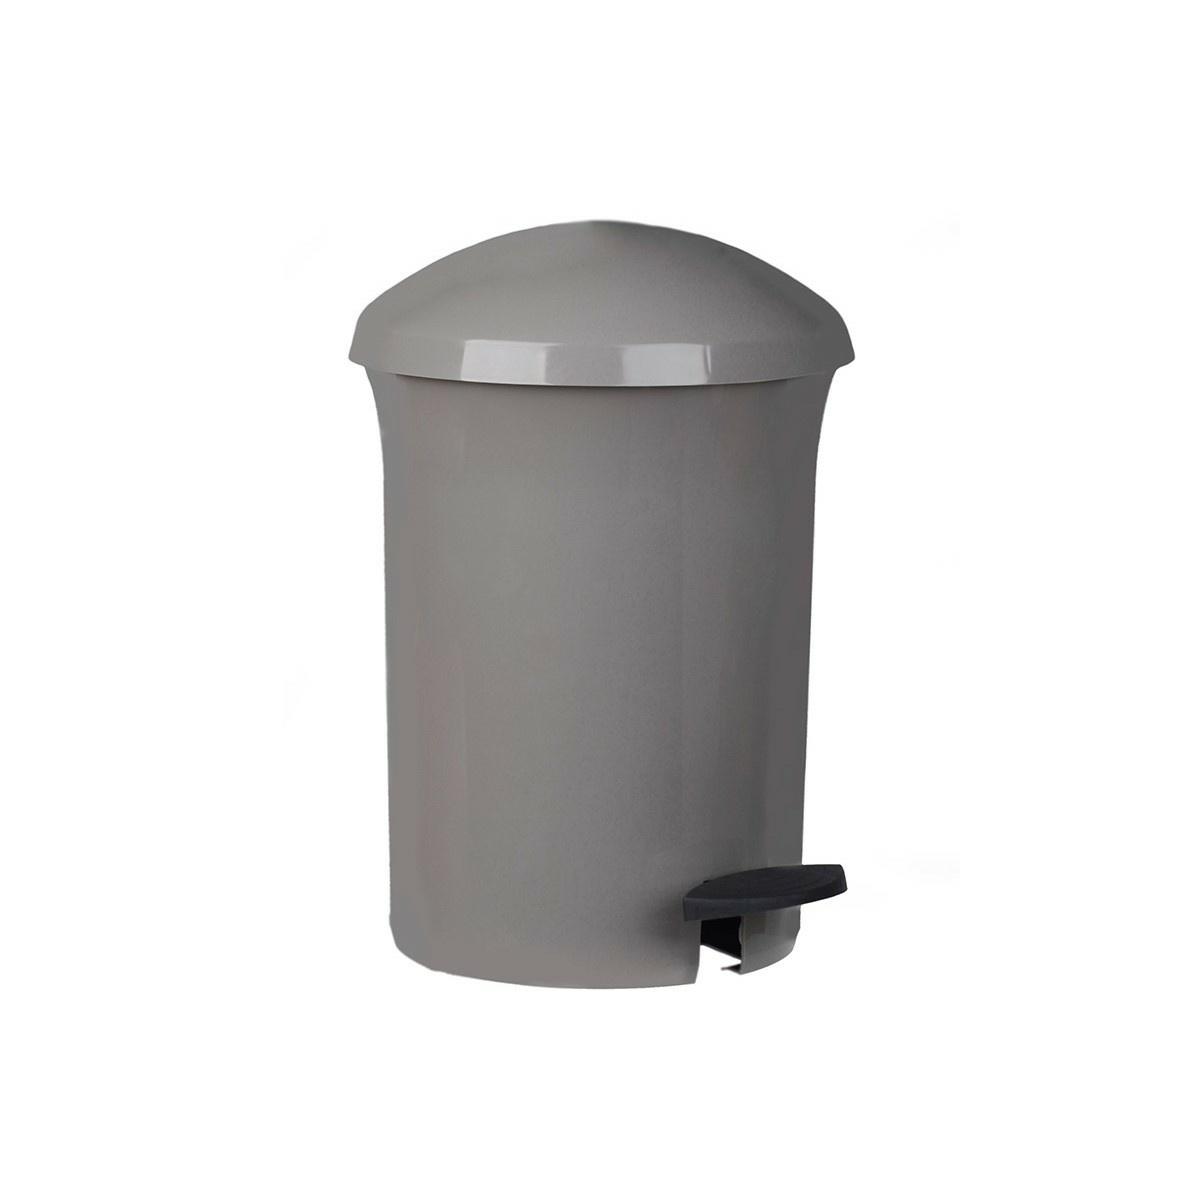 Aldo Pedálový odpadkový kôš Dust Bin 8,1 l, sivá